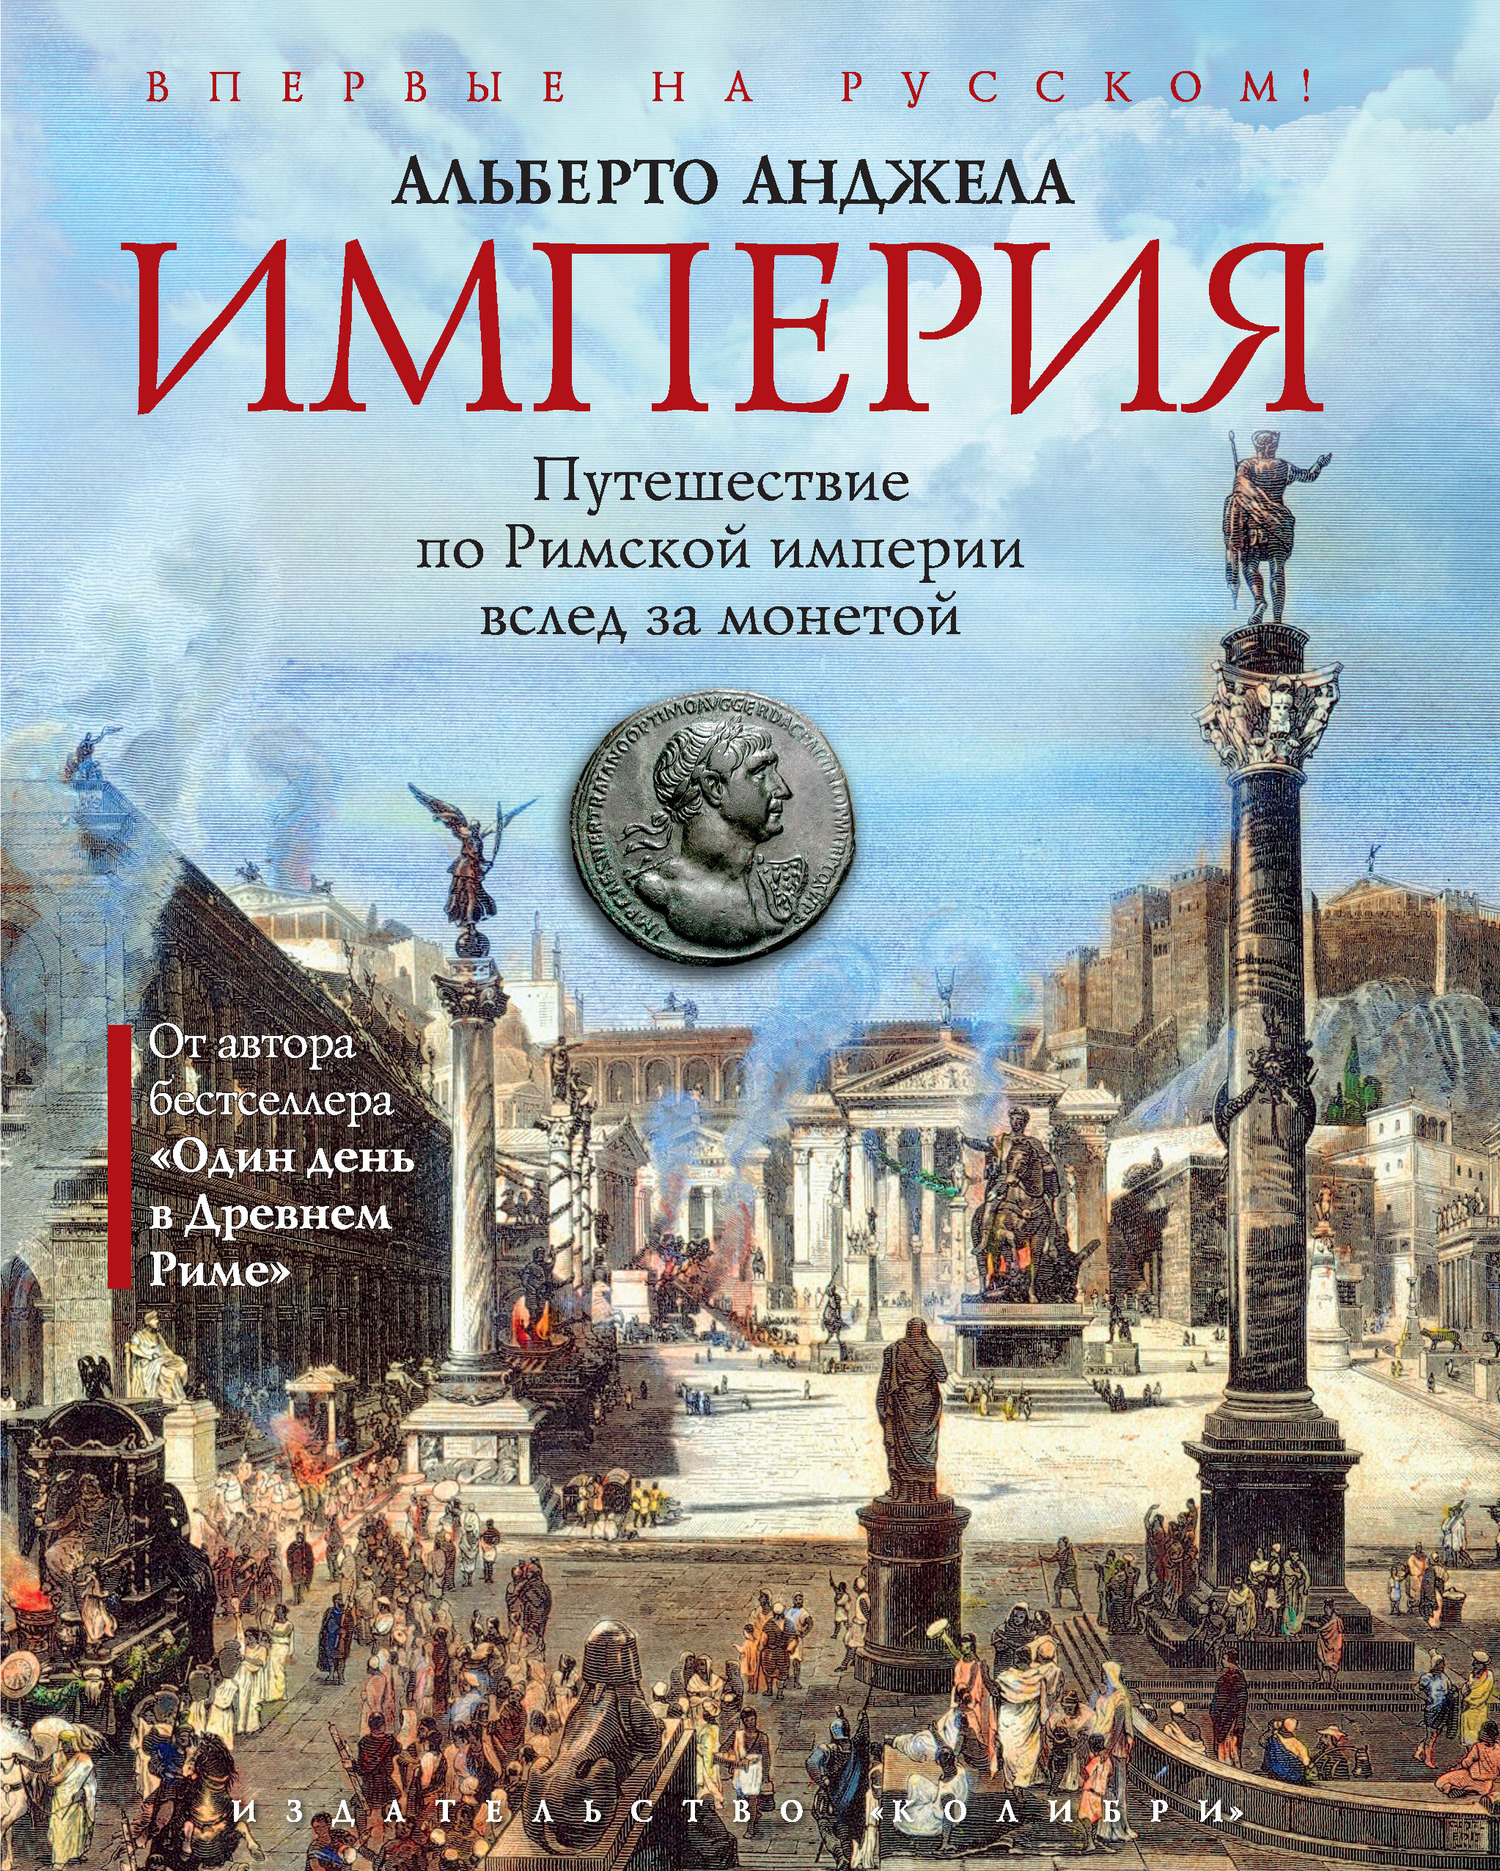 Альберто Анджела. Империя. Путешествие по Римской империи вслед за монетой